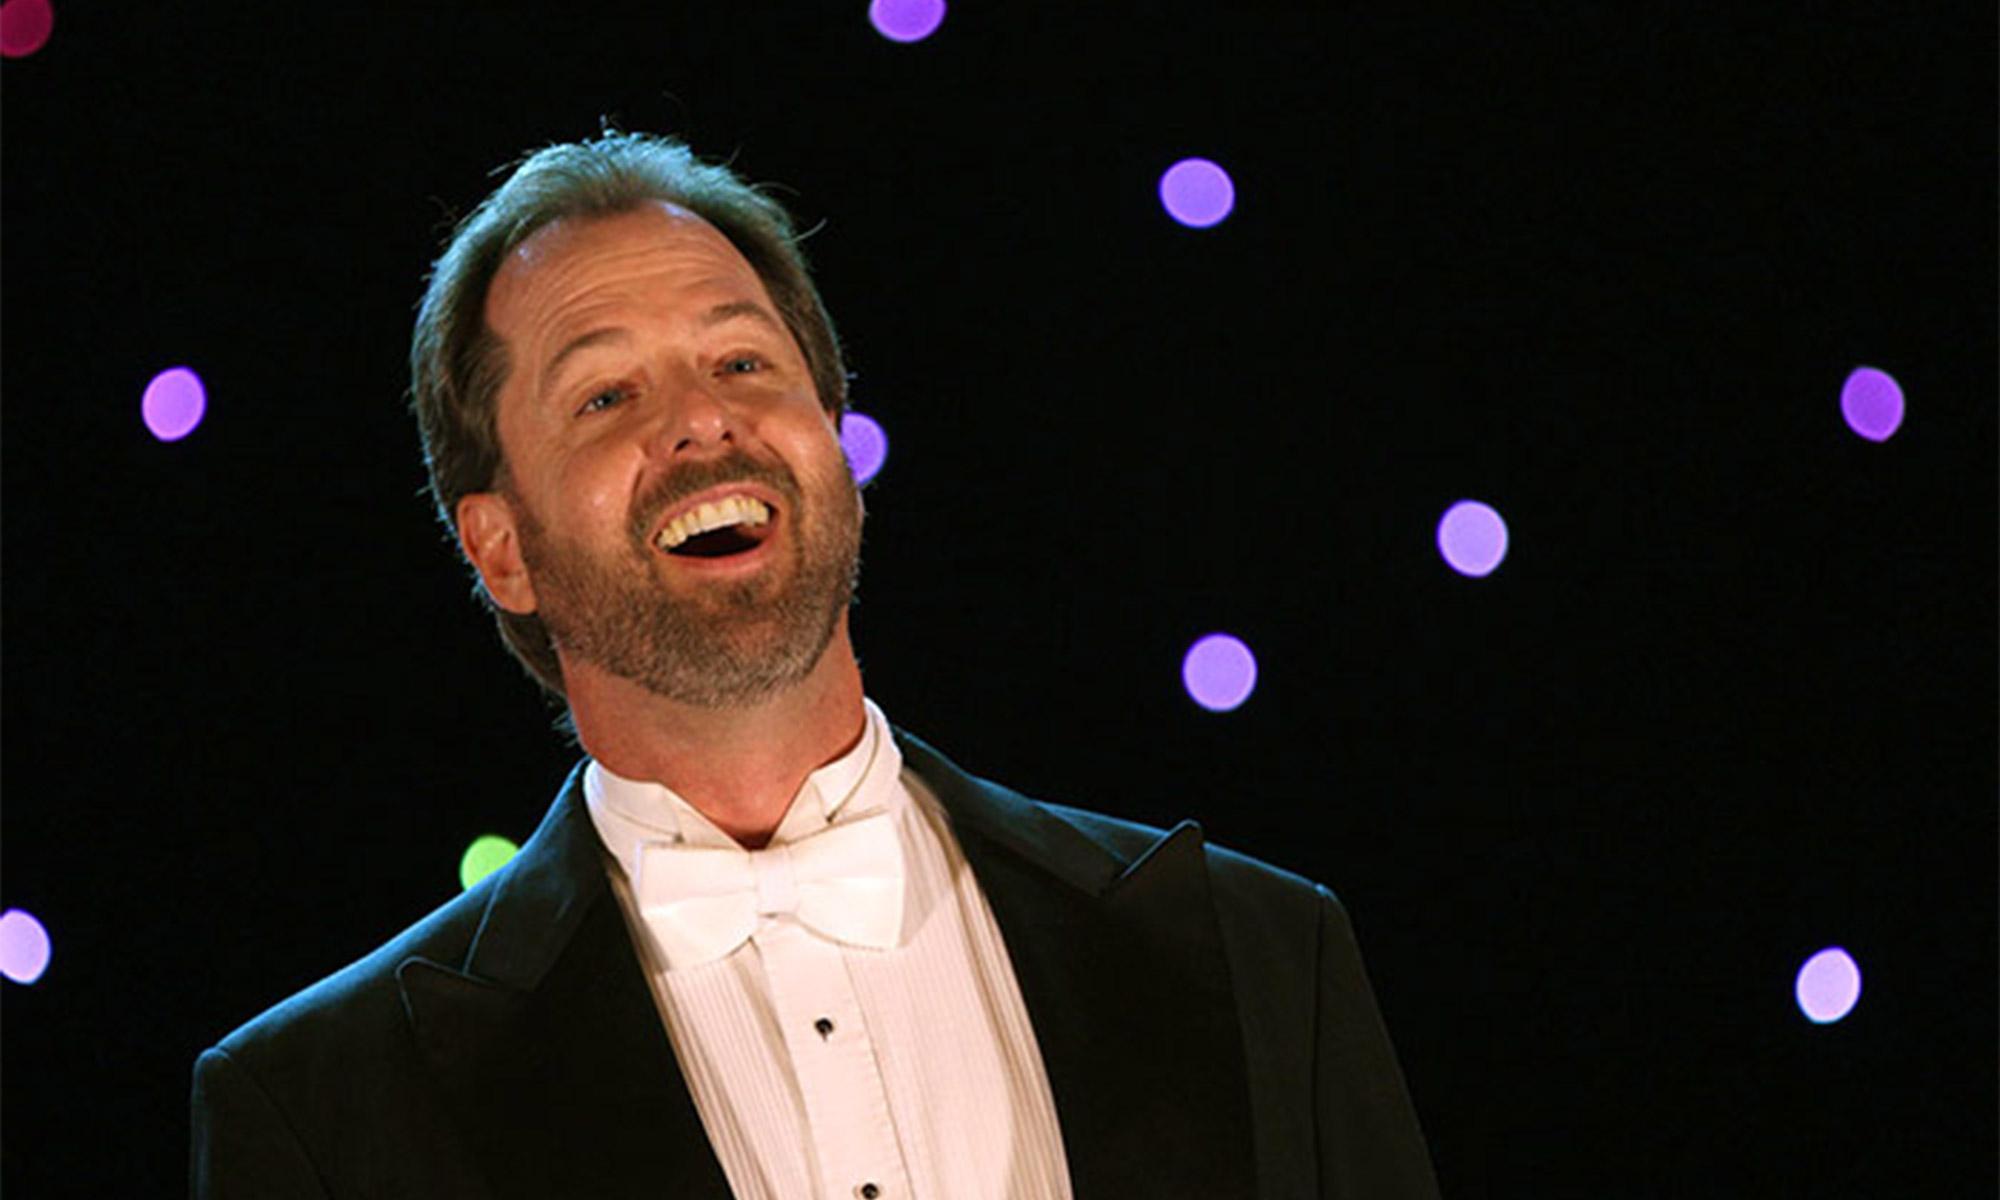 Blake Davidson Singer